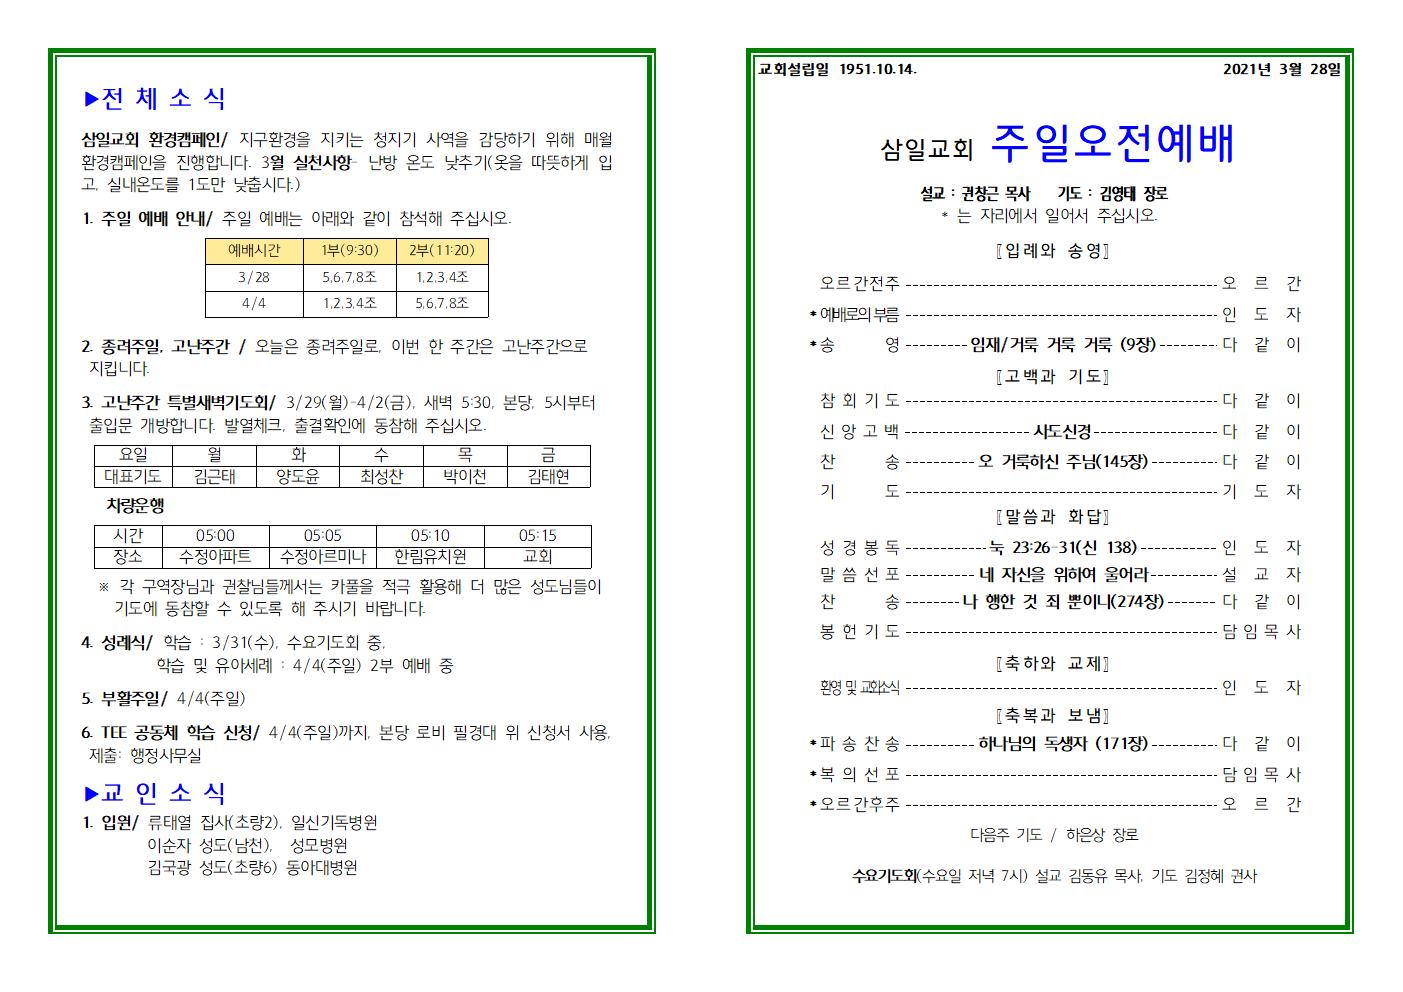 2021_03_28 주보 (최종)001.png